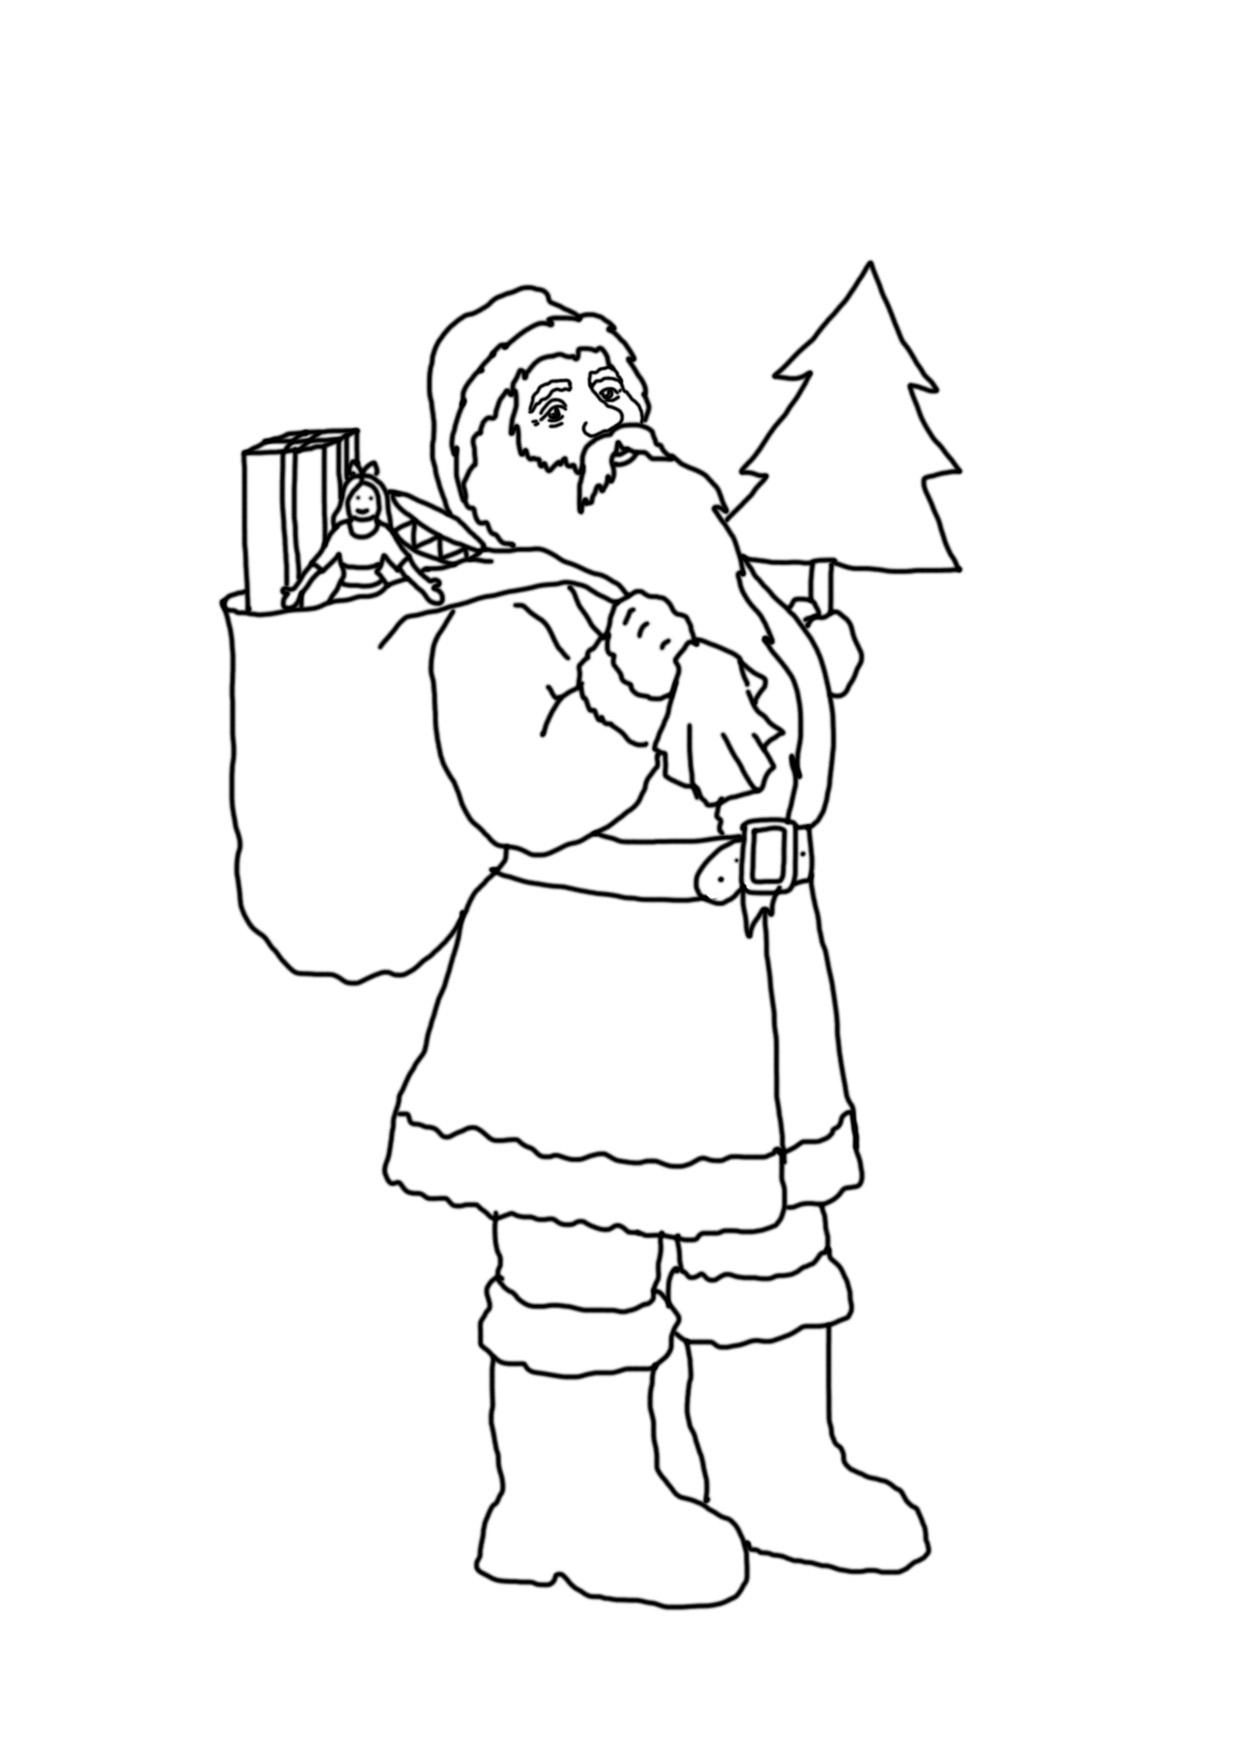 Santa with sack and Christmas tree